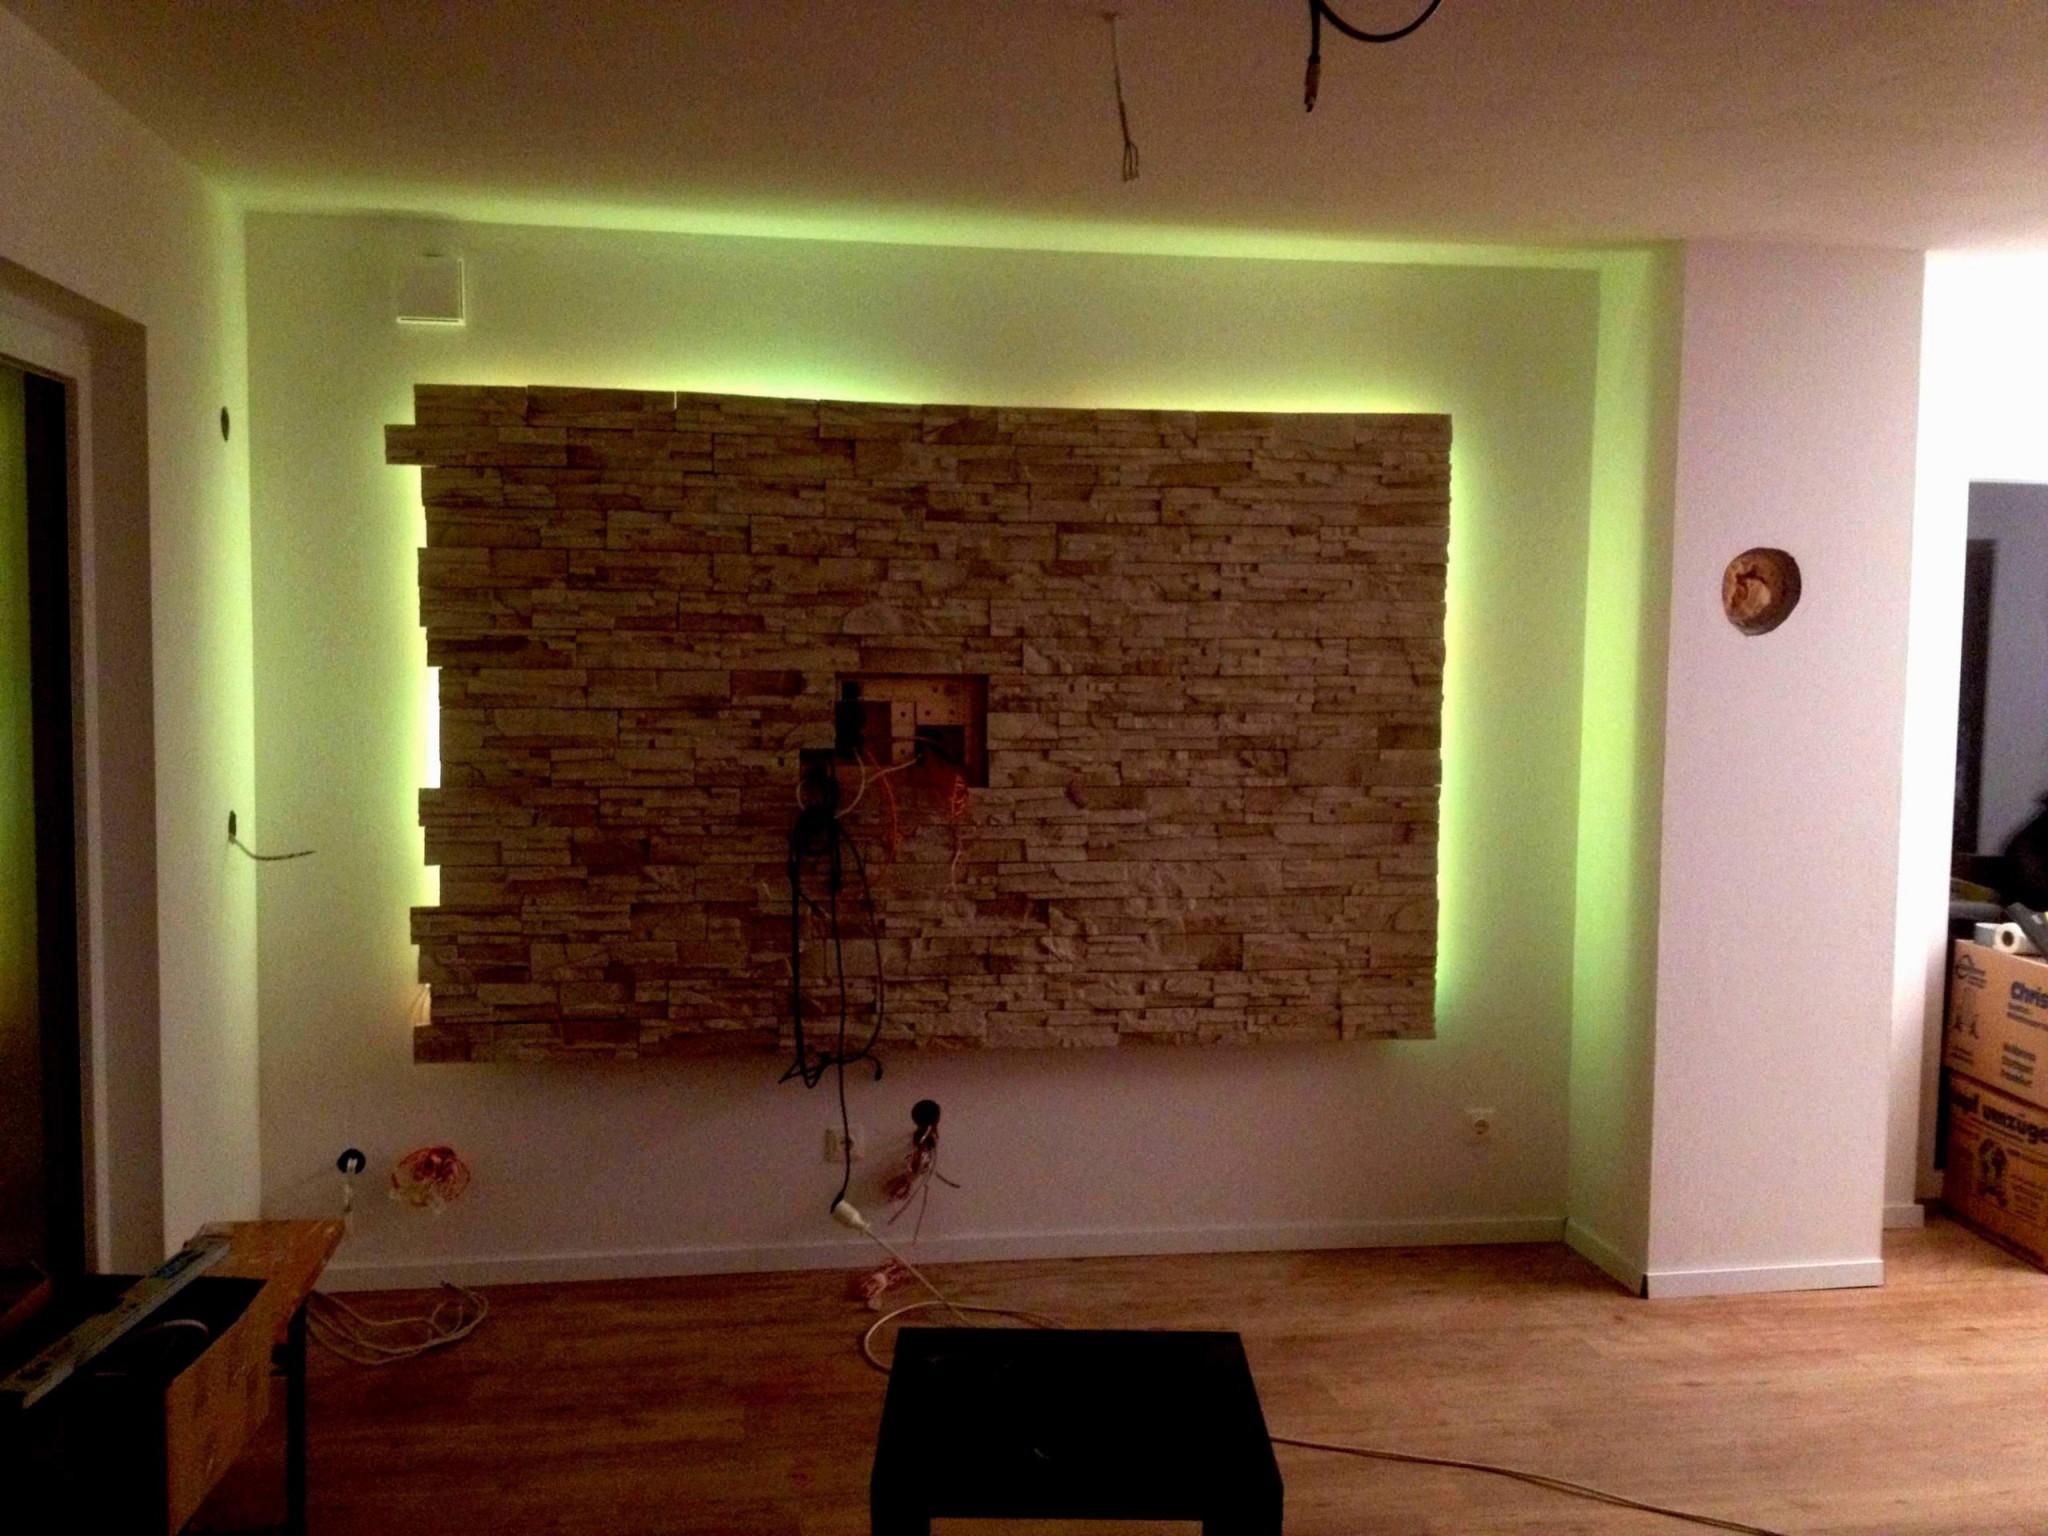 Wand Streichen Ideen Wohnzimmer Das Beste Von Wand Streichen von Ideen Für Wände Im Wohnzimmer Photo